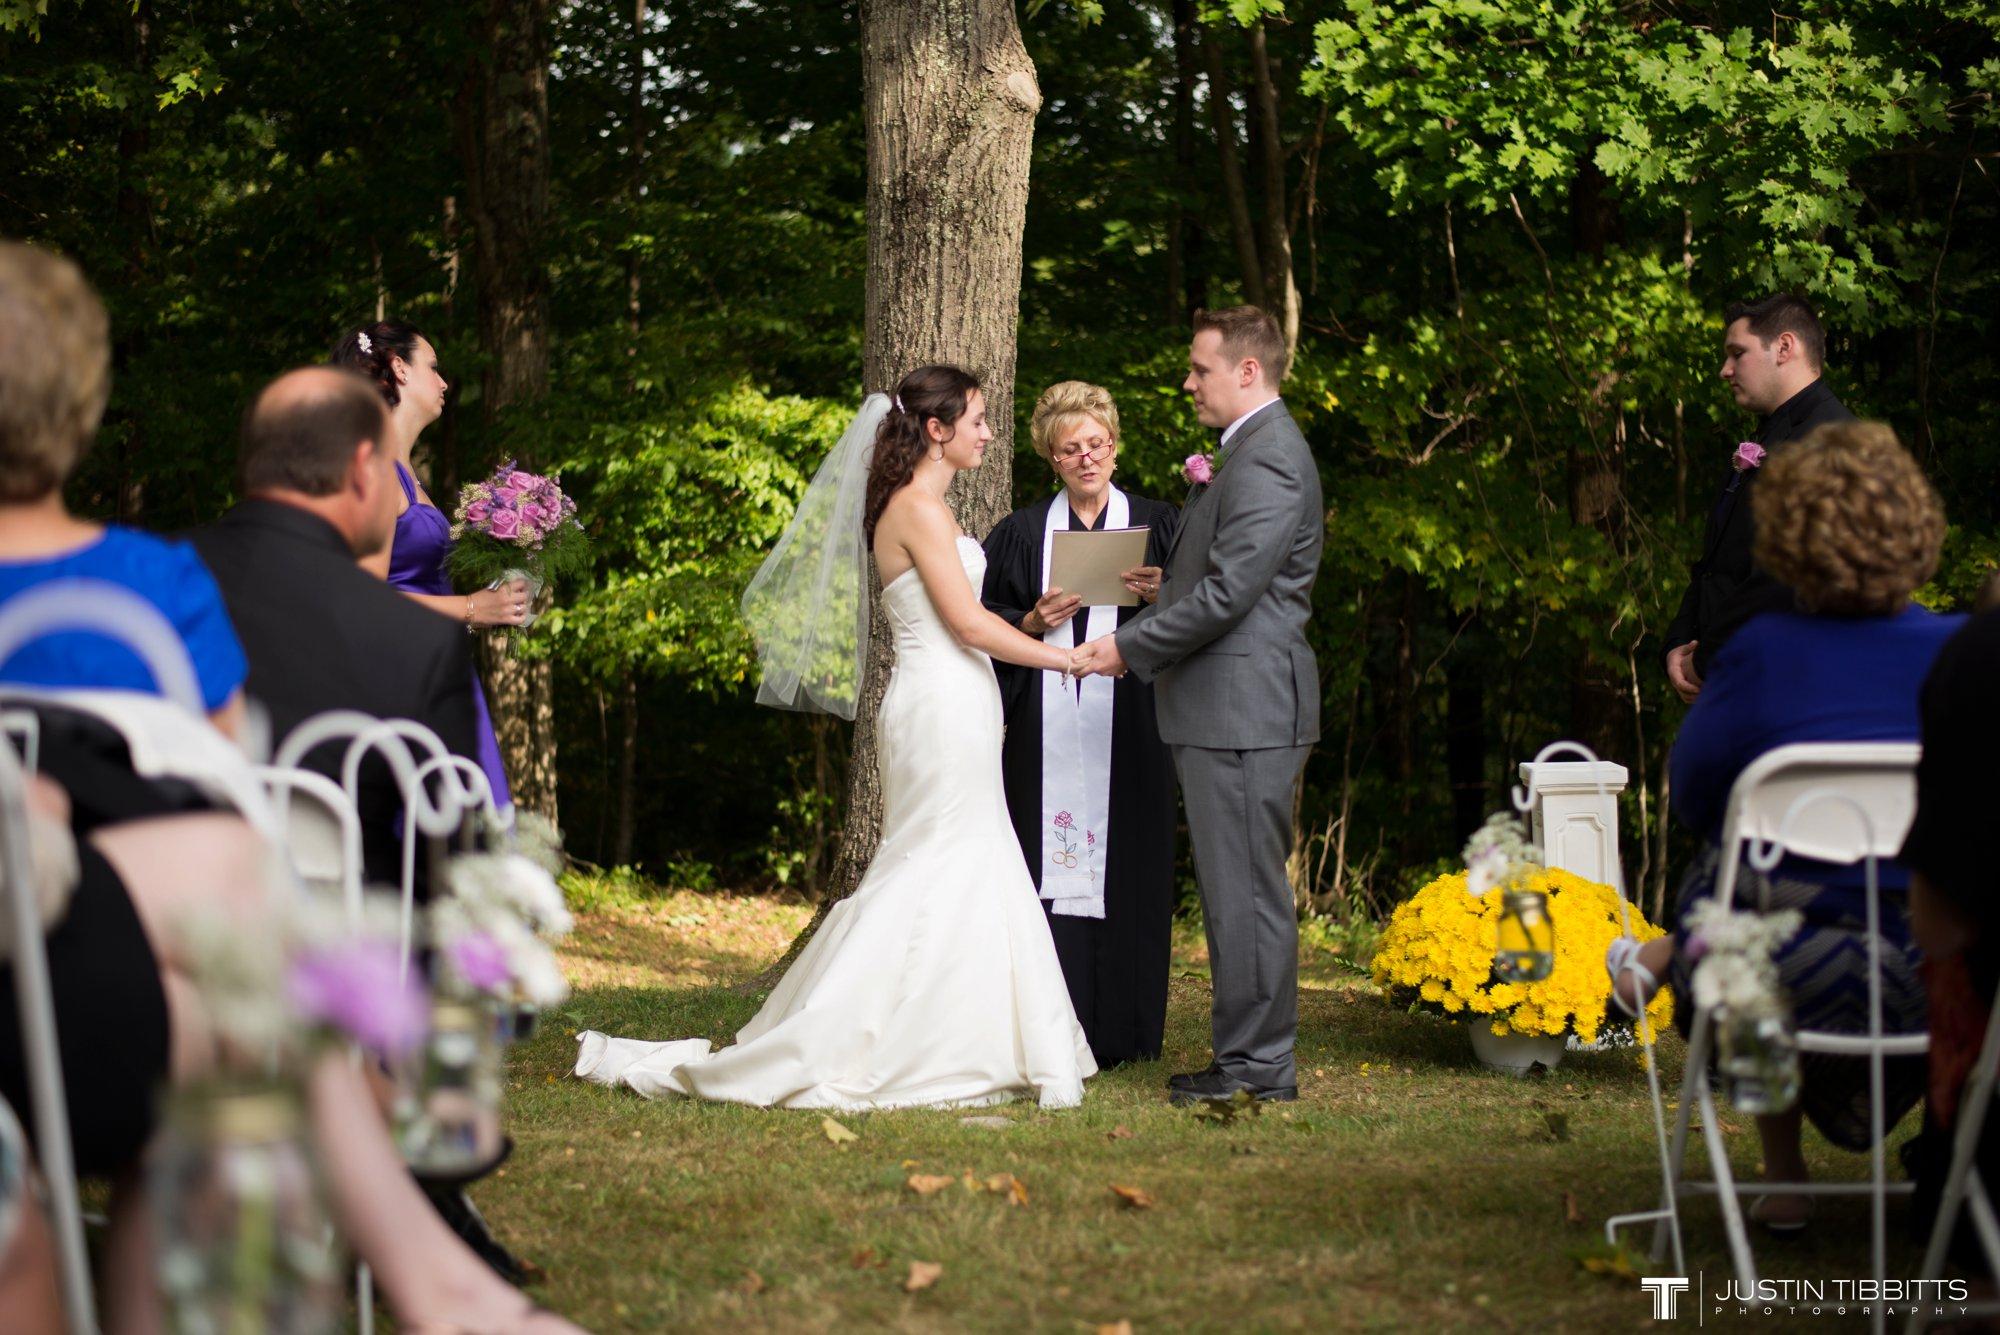 Justin Tibbitts Photography Rob and Brittany's Averill Park, NY Wedding_0384